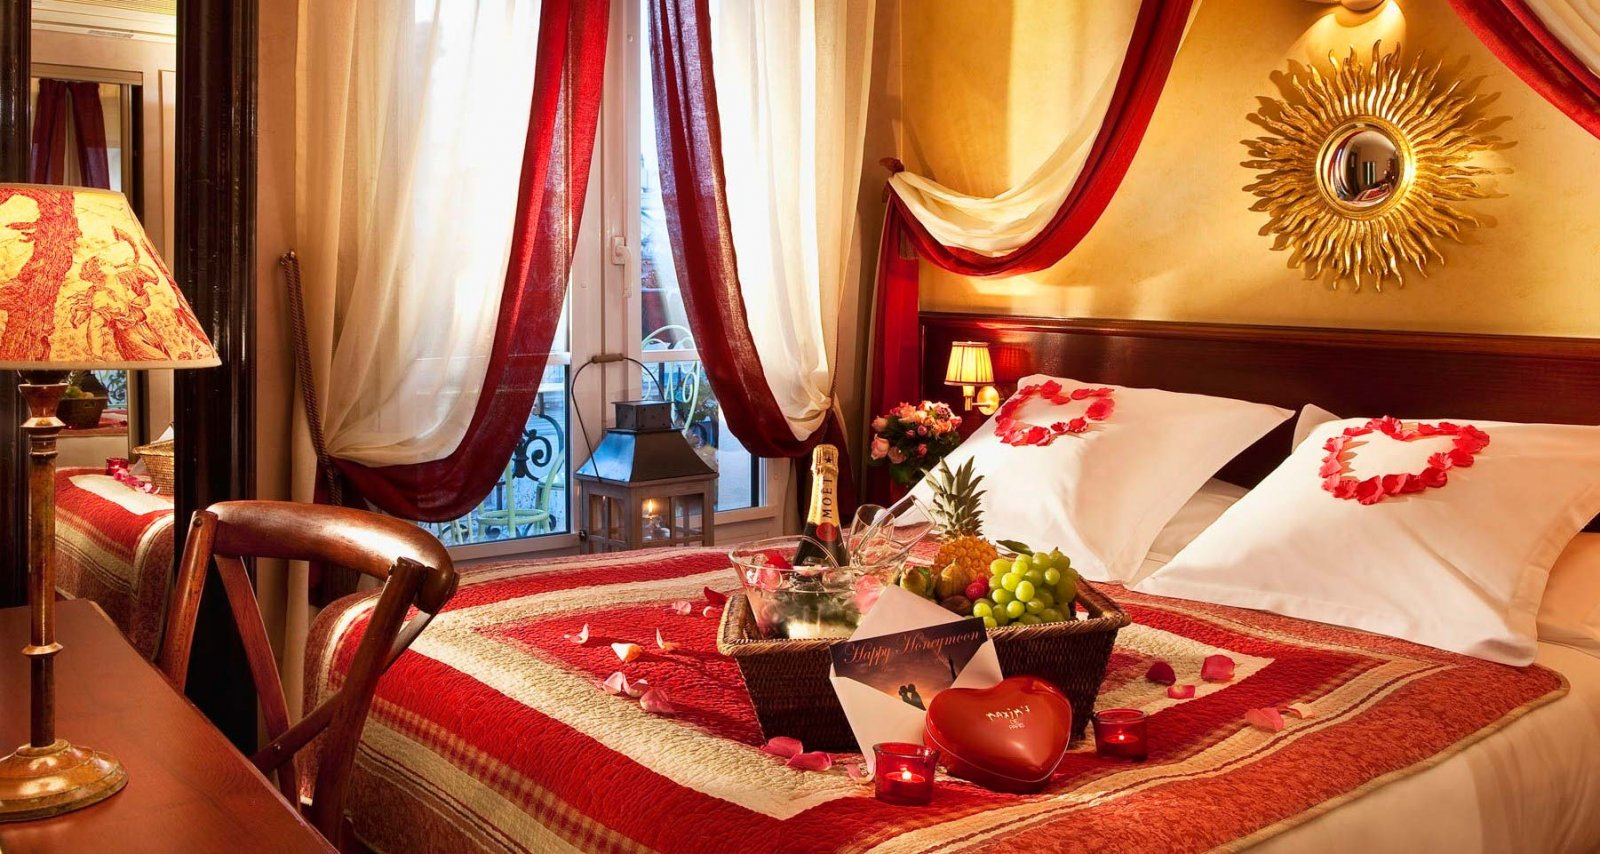 Decora la habitación para la noche de San Valentín ...